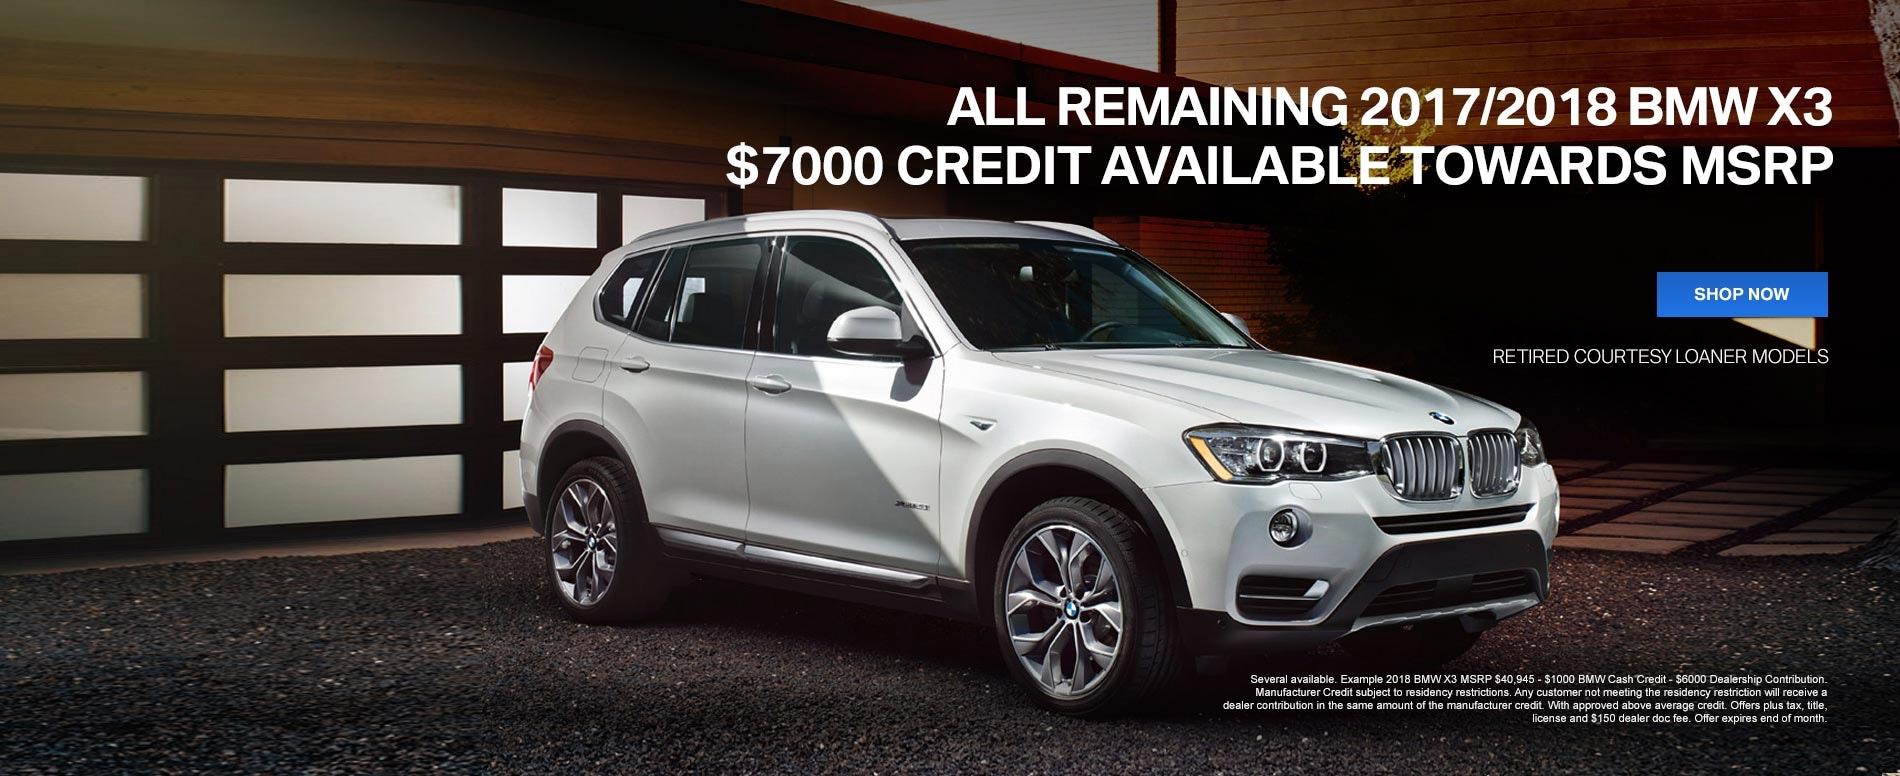 BMW Dealership in Dallas, TX | BMW of Dallas